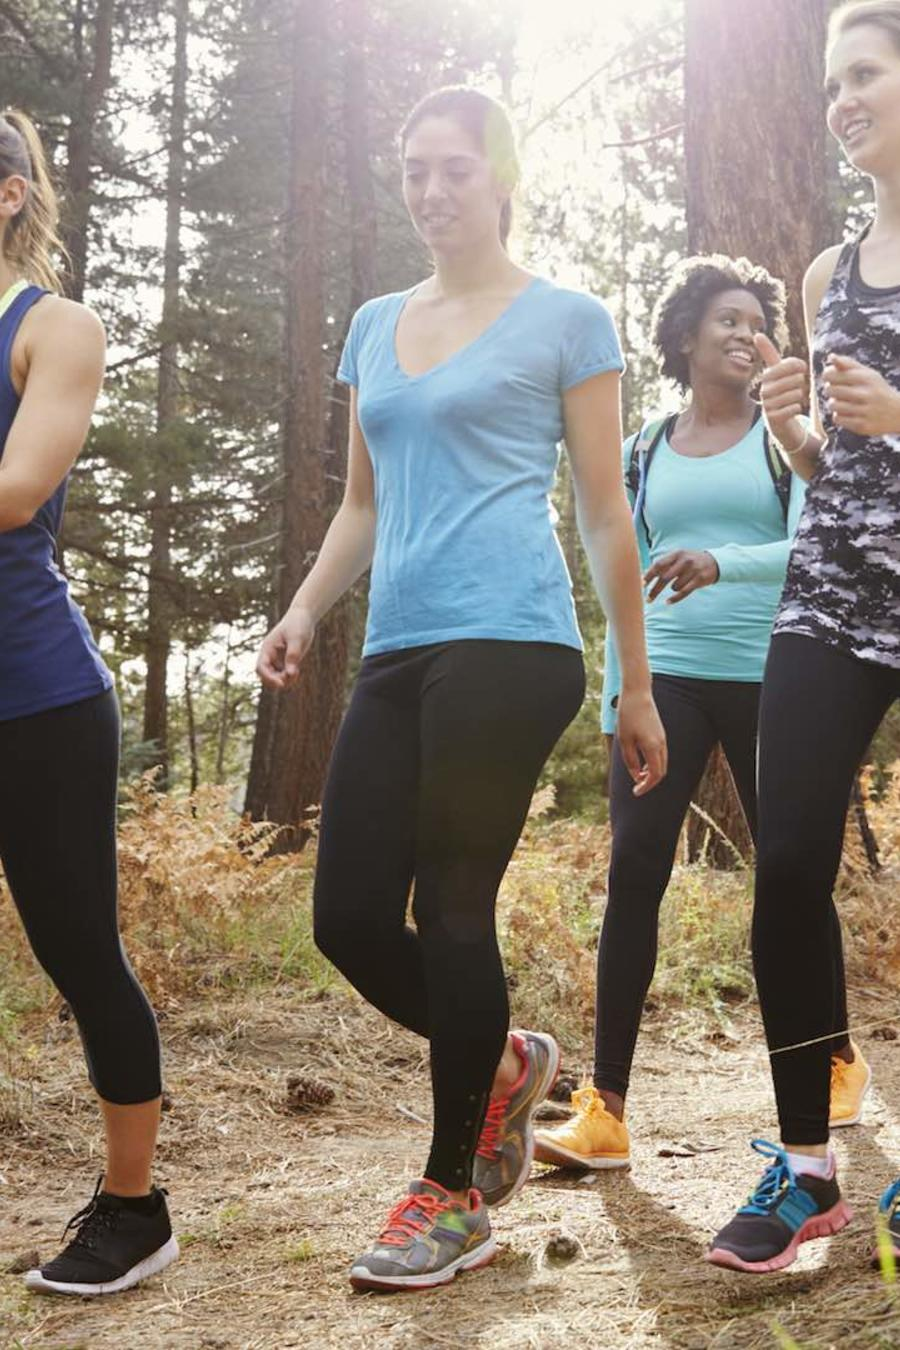 Grupo de mujeres haciendo ejercicio